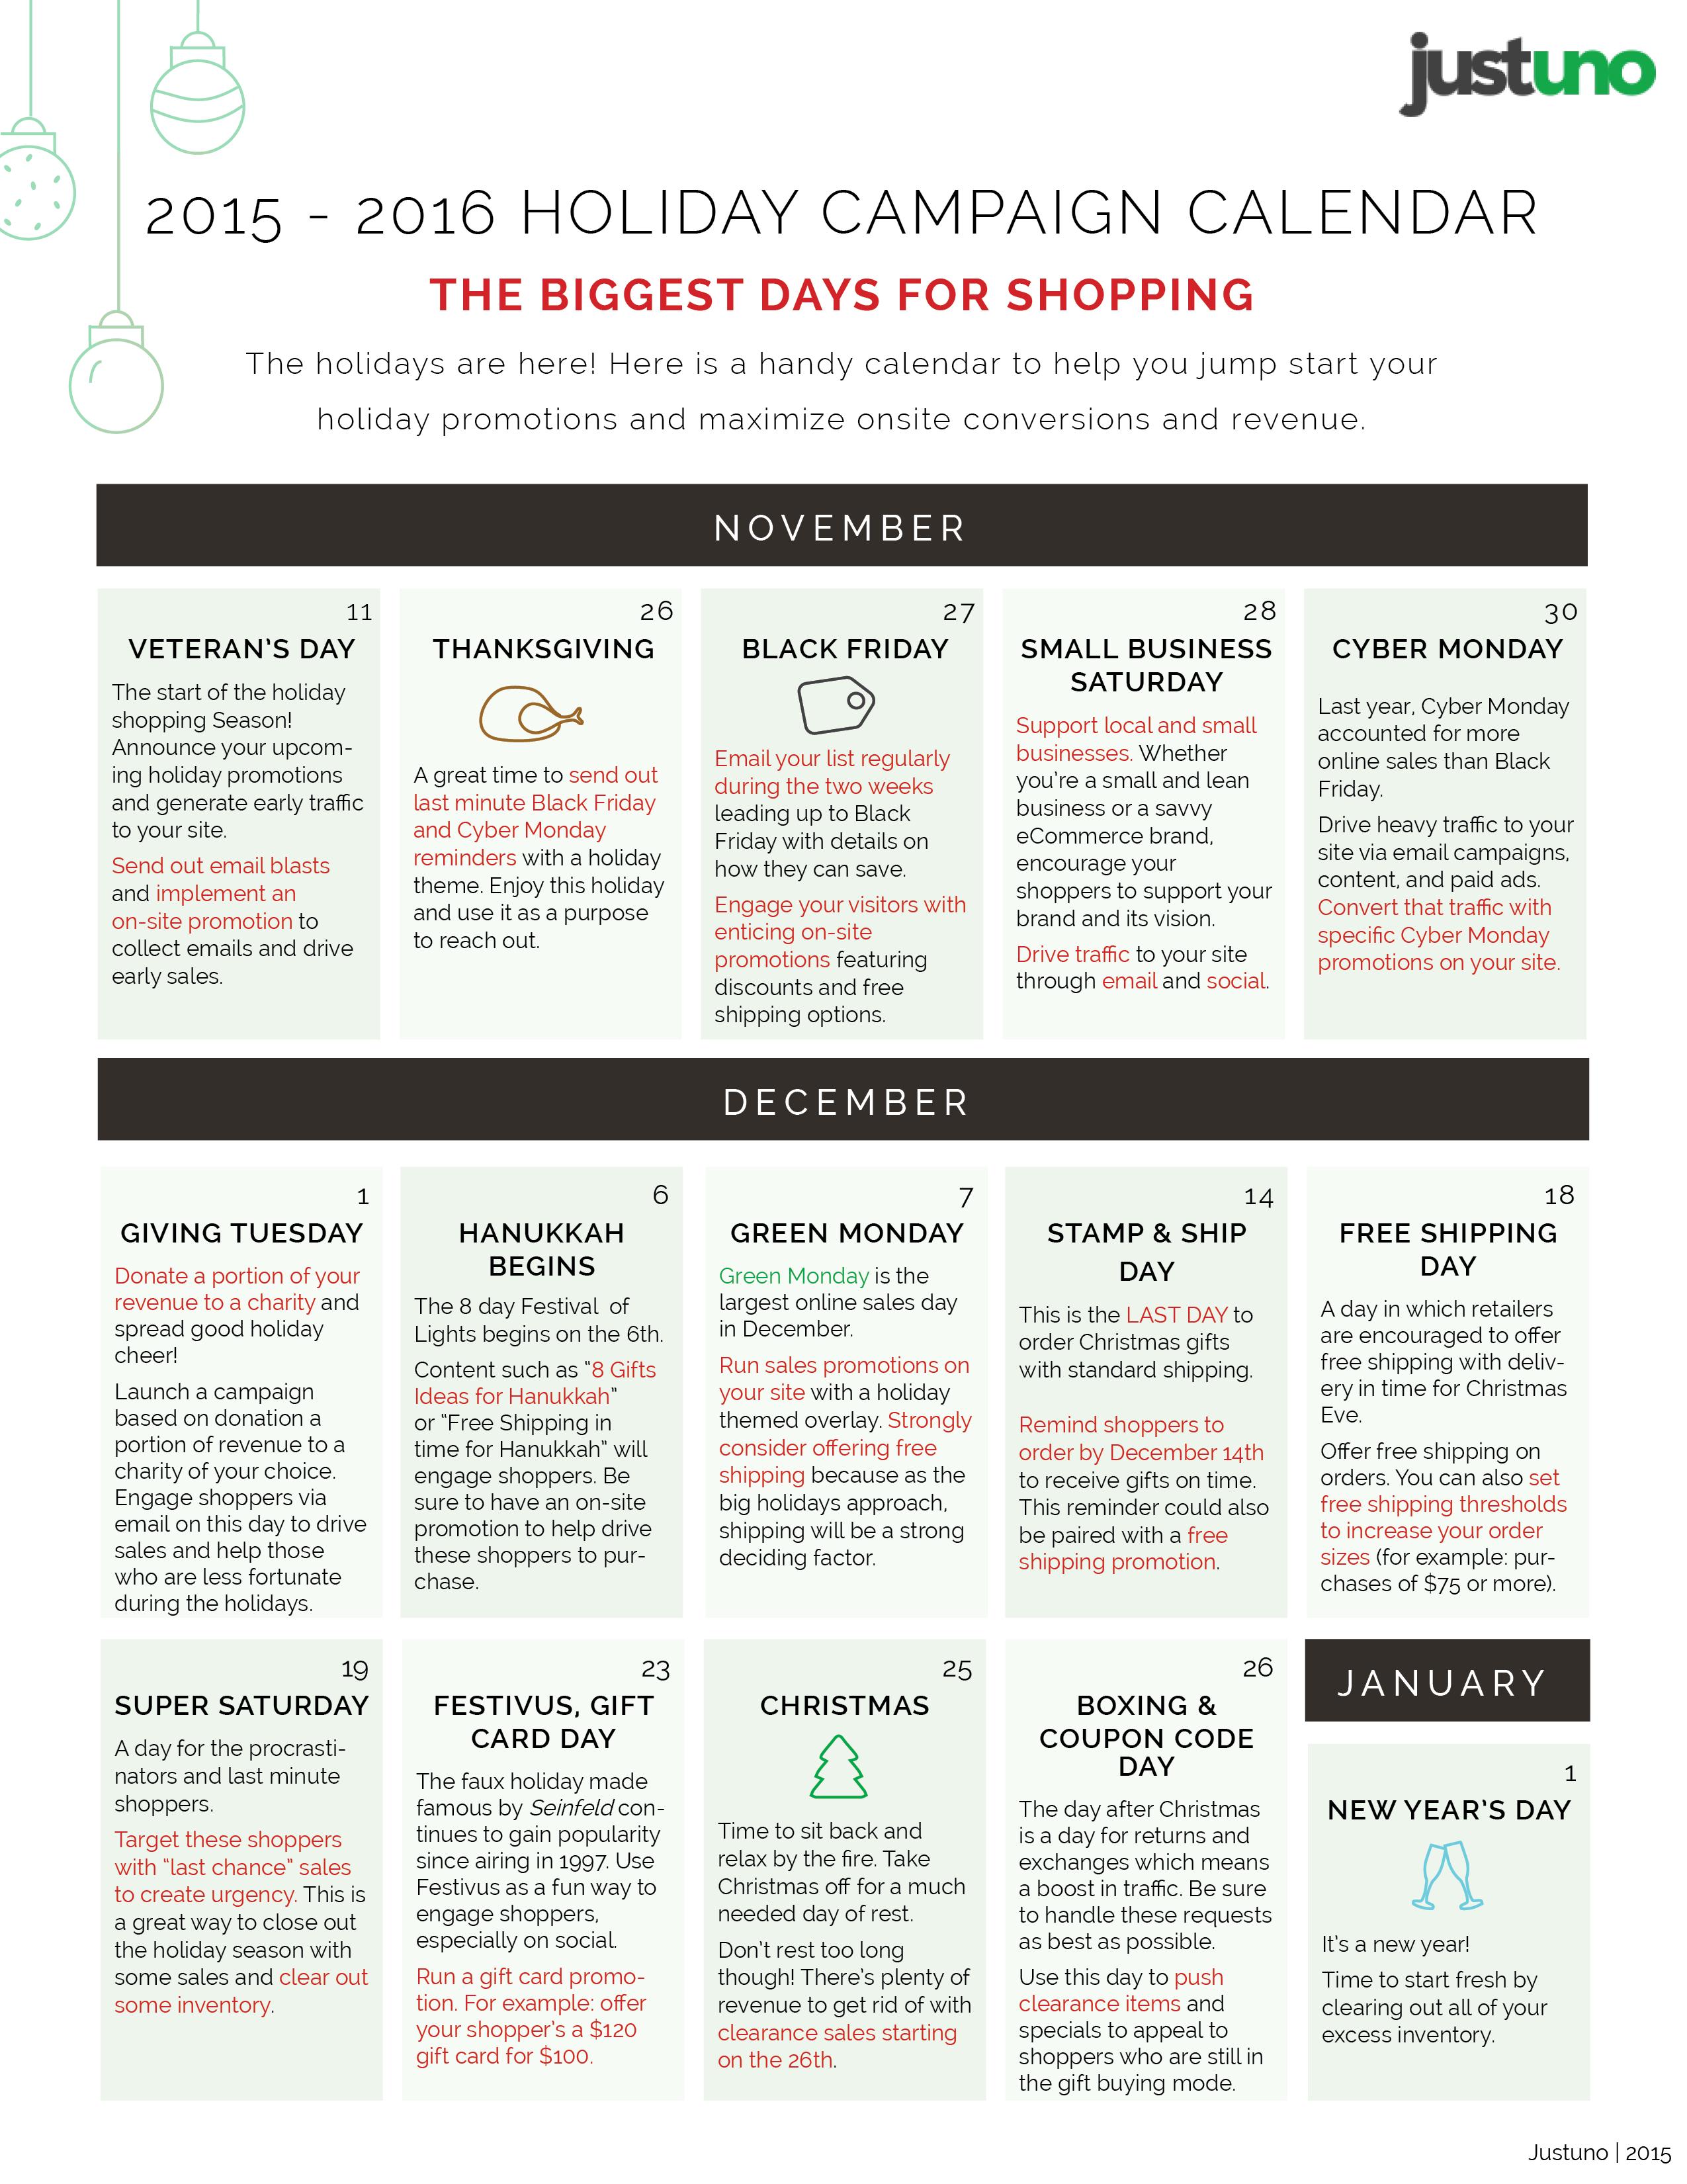 2015 Marketing Calendar for the Holidays